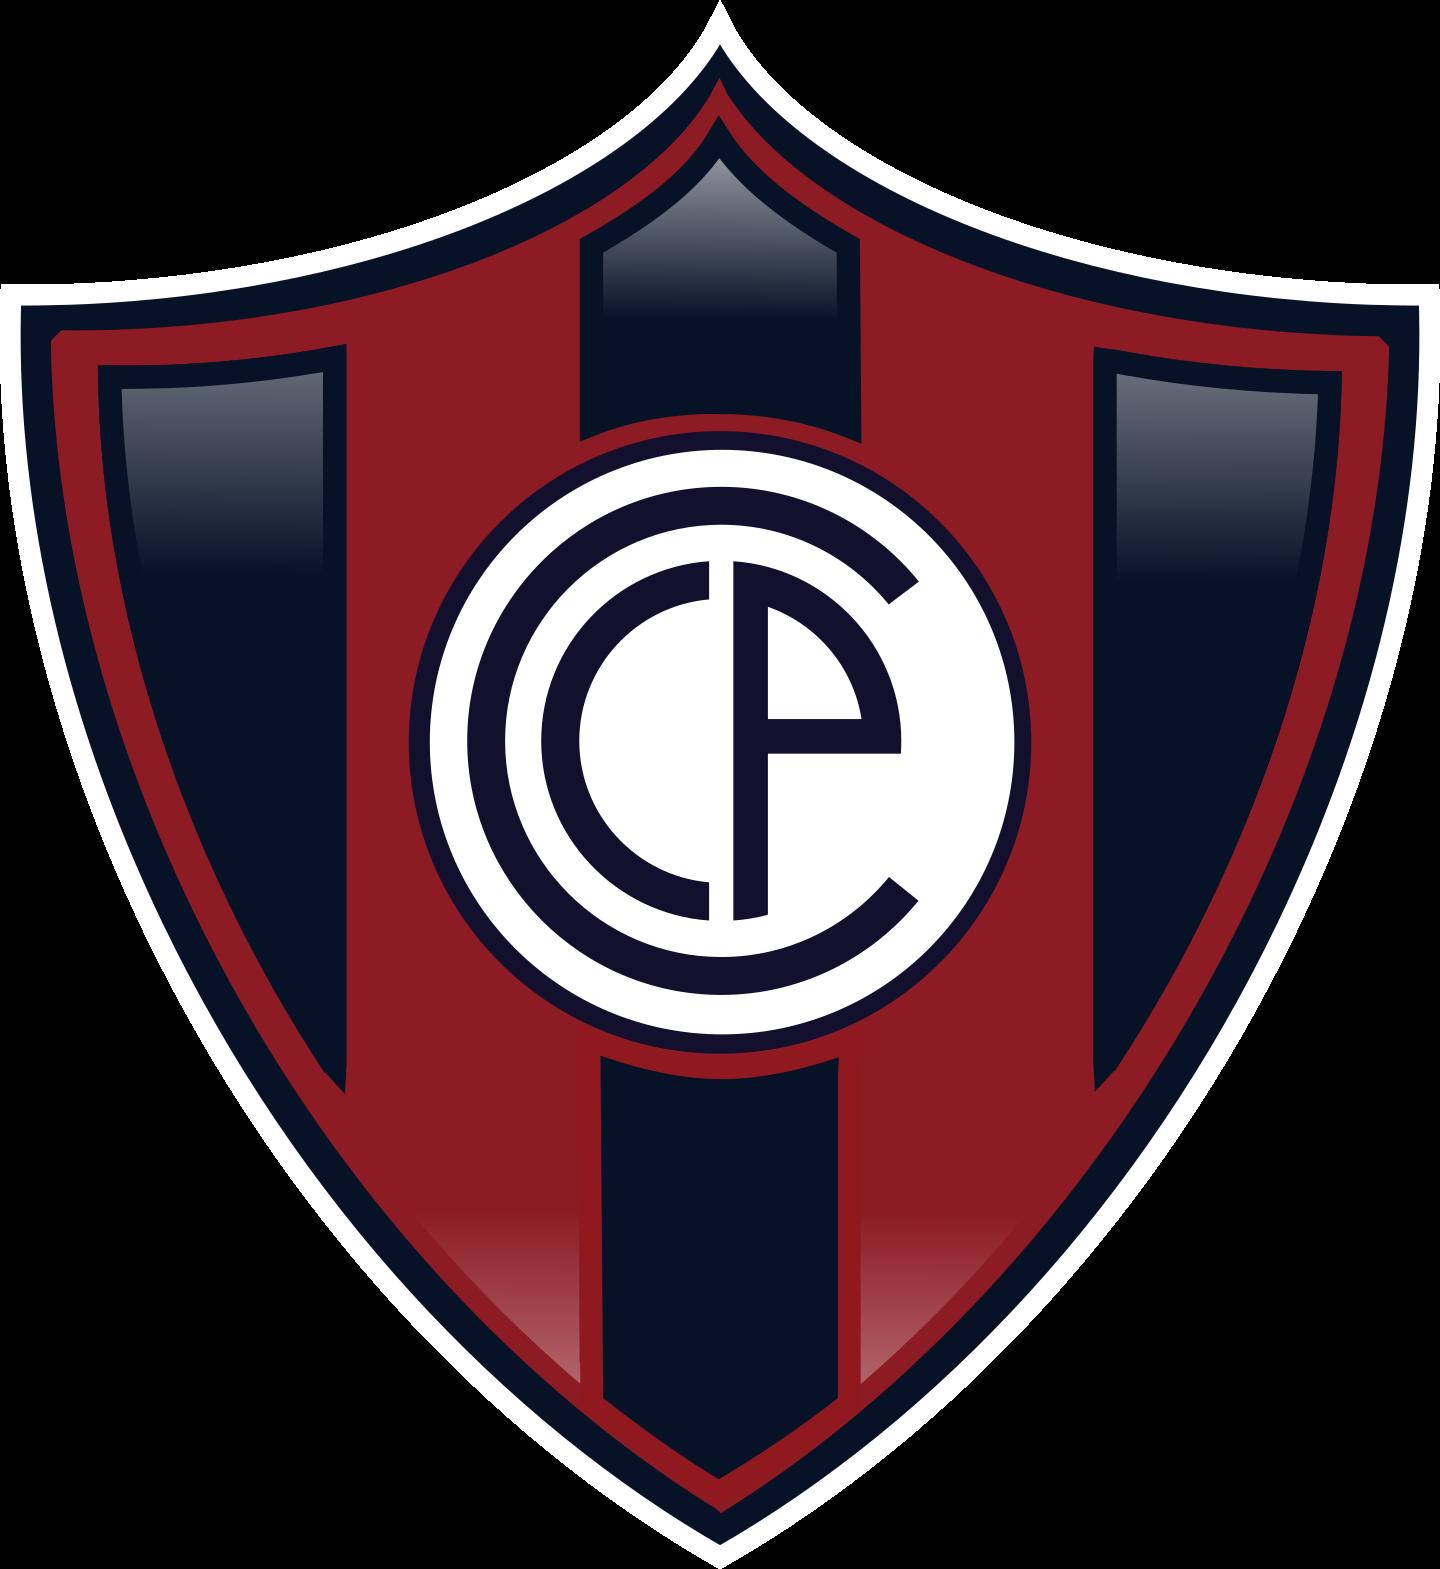 cerro porteno logo 2 1 - Cerro Porteño Logo